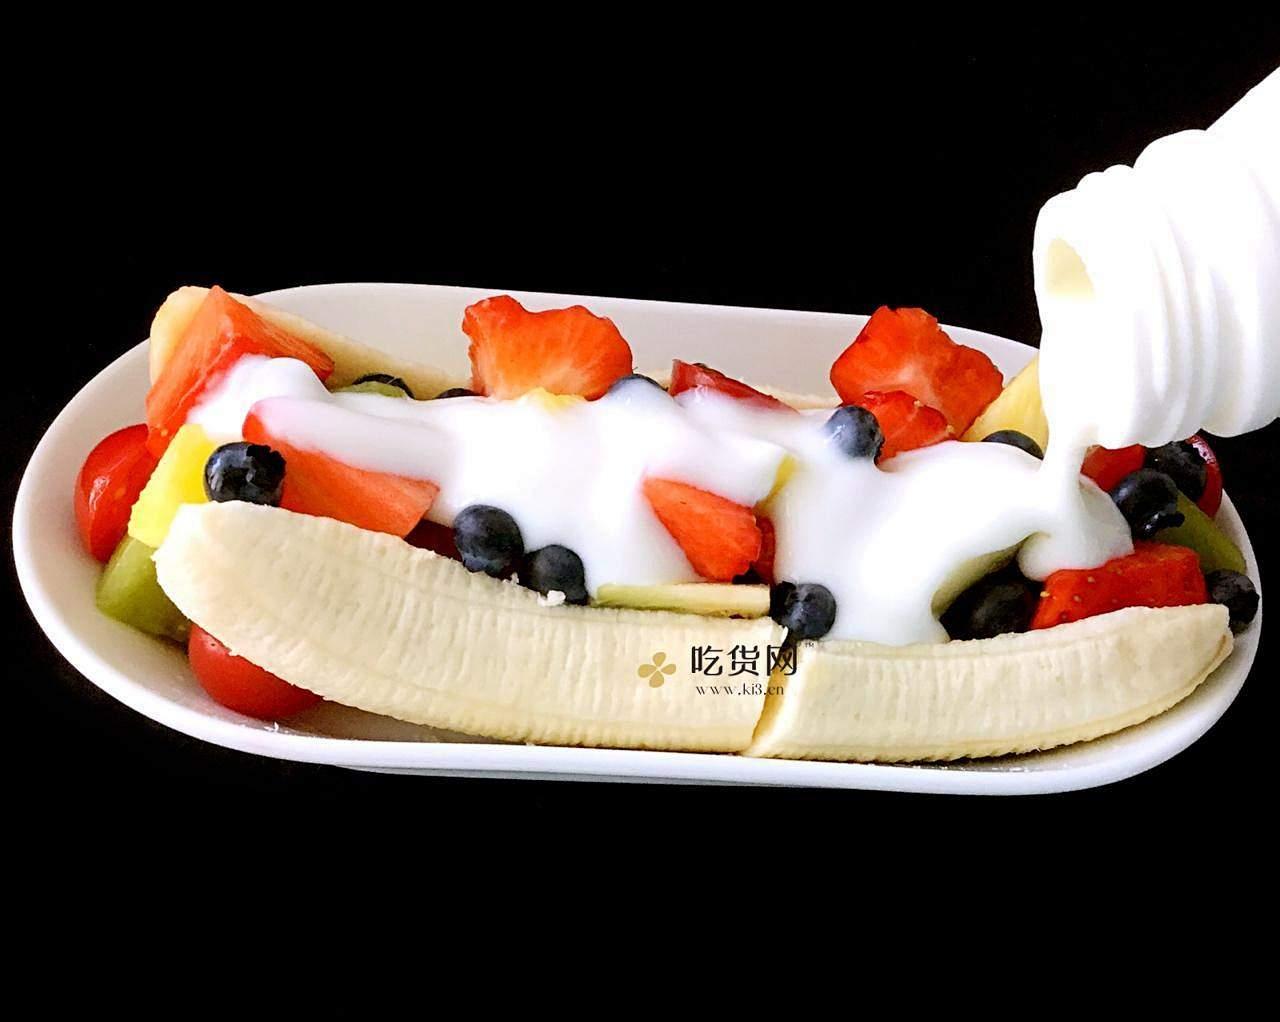 水果酸奶香蕉船的做法 步骤3